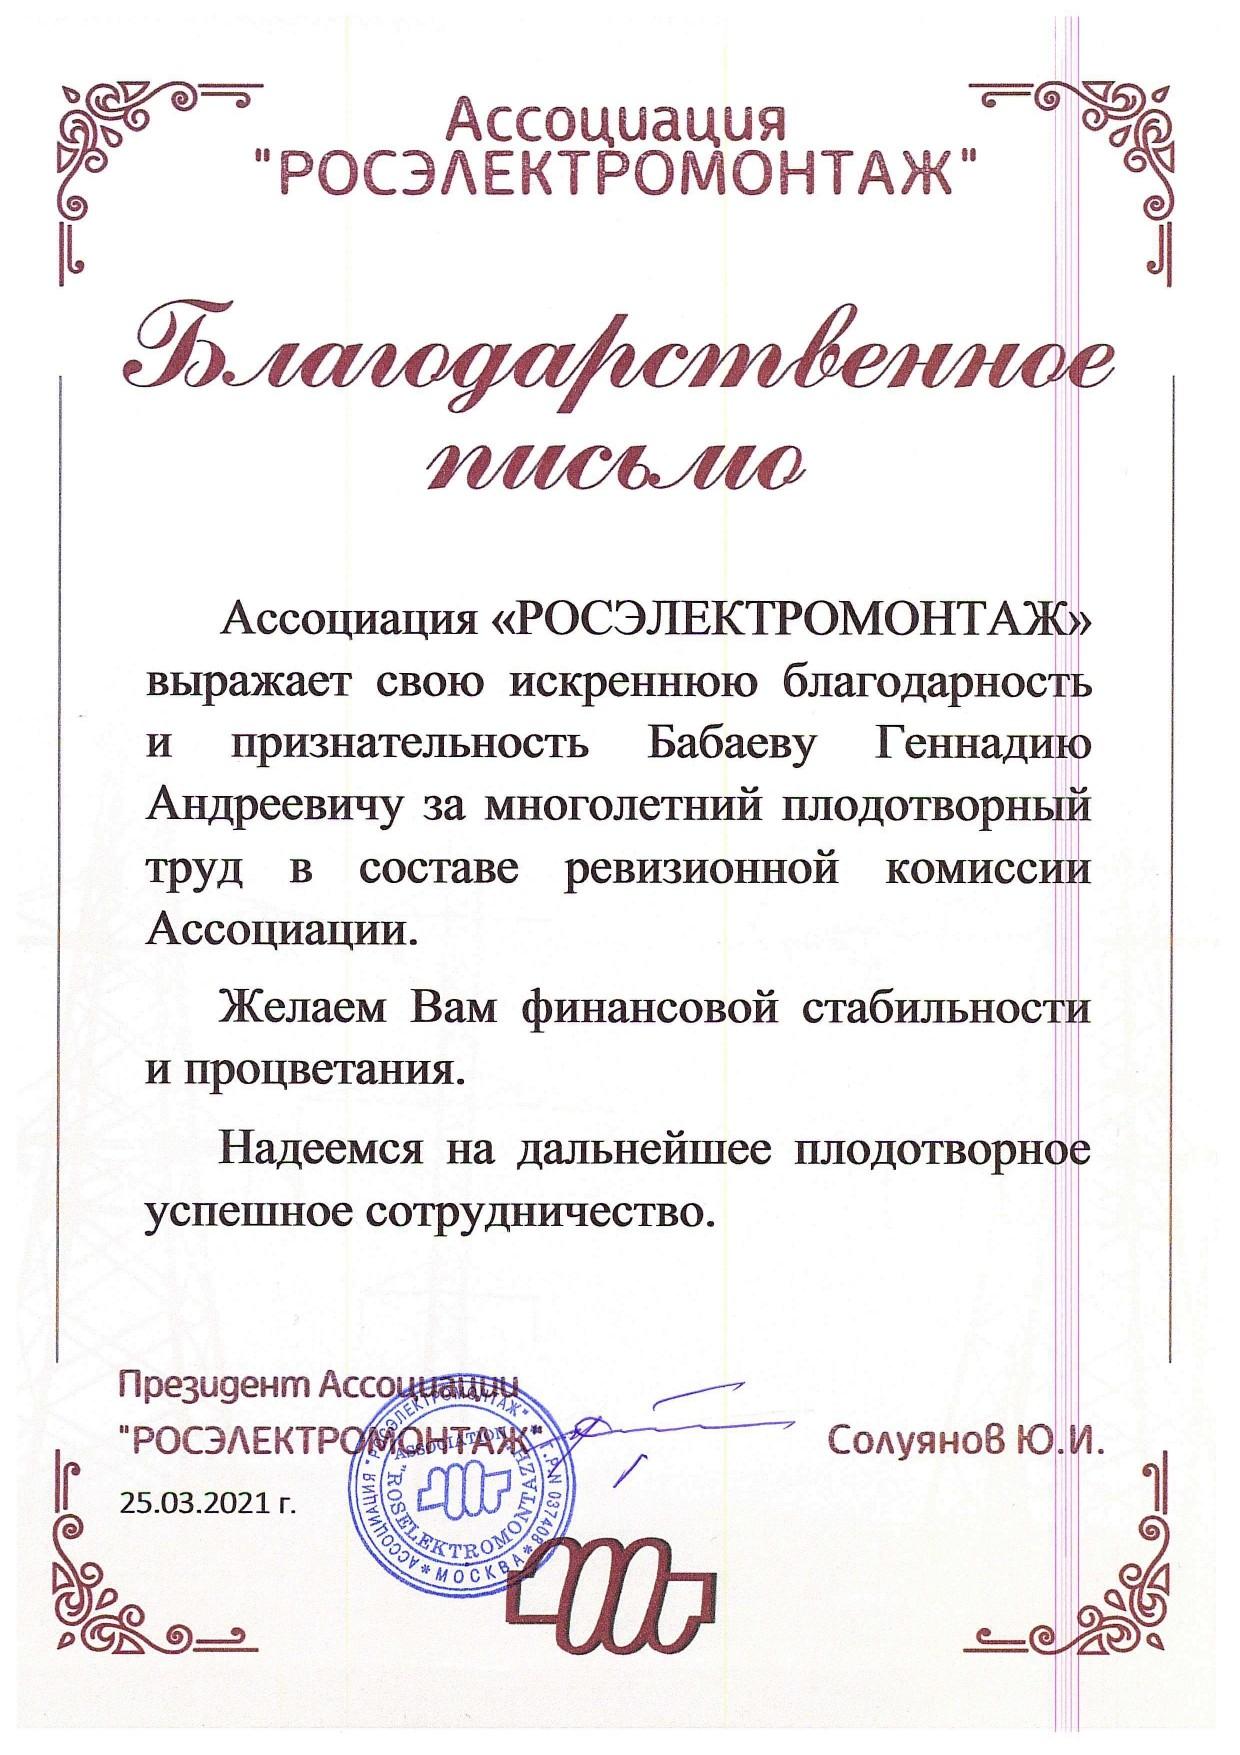 Поздравляем Геннадия Андреевича Бабаева с 80-летием! 2